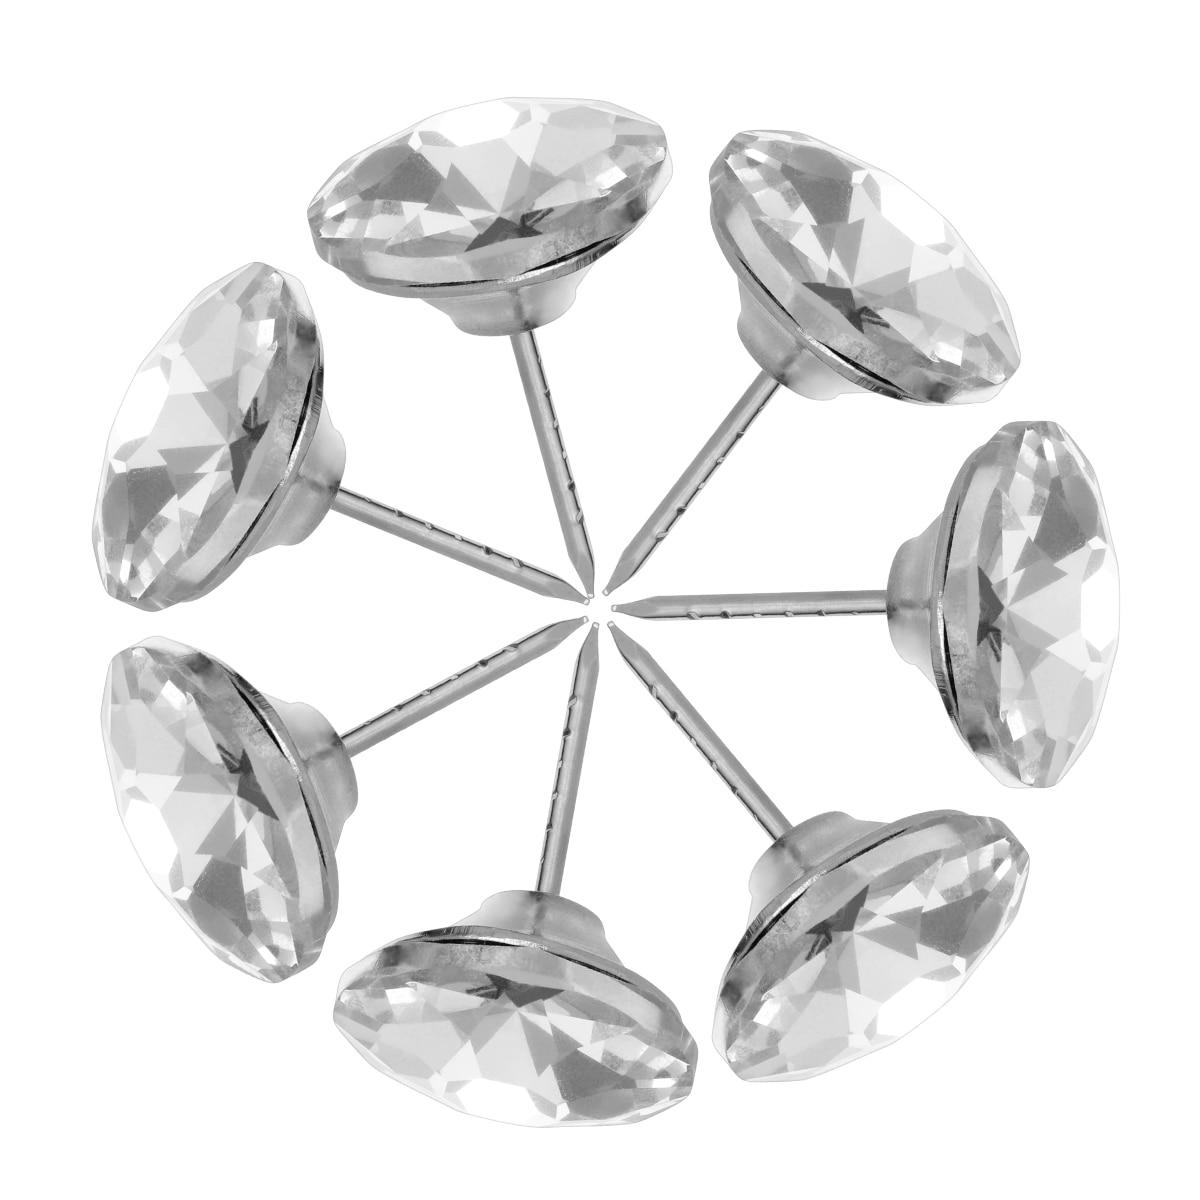 Botones de cristal para sofá de 20 piezas, forma de diamante, cristal duradero, de 25mm tachuelas, botones para coser, botones para decoración de pared del sofá